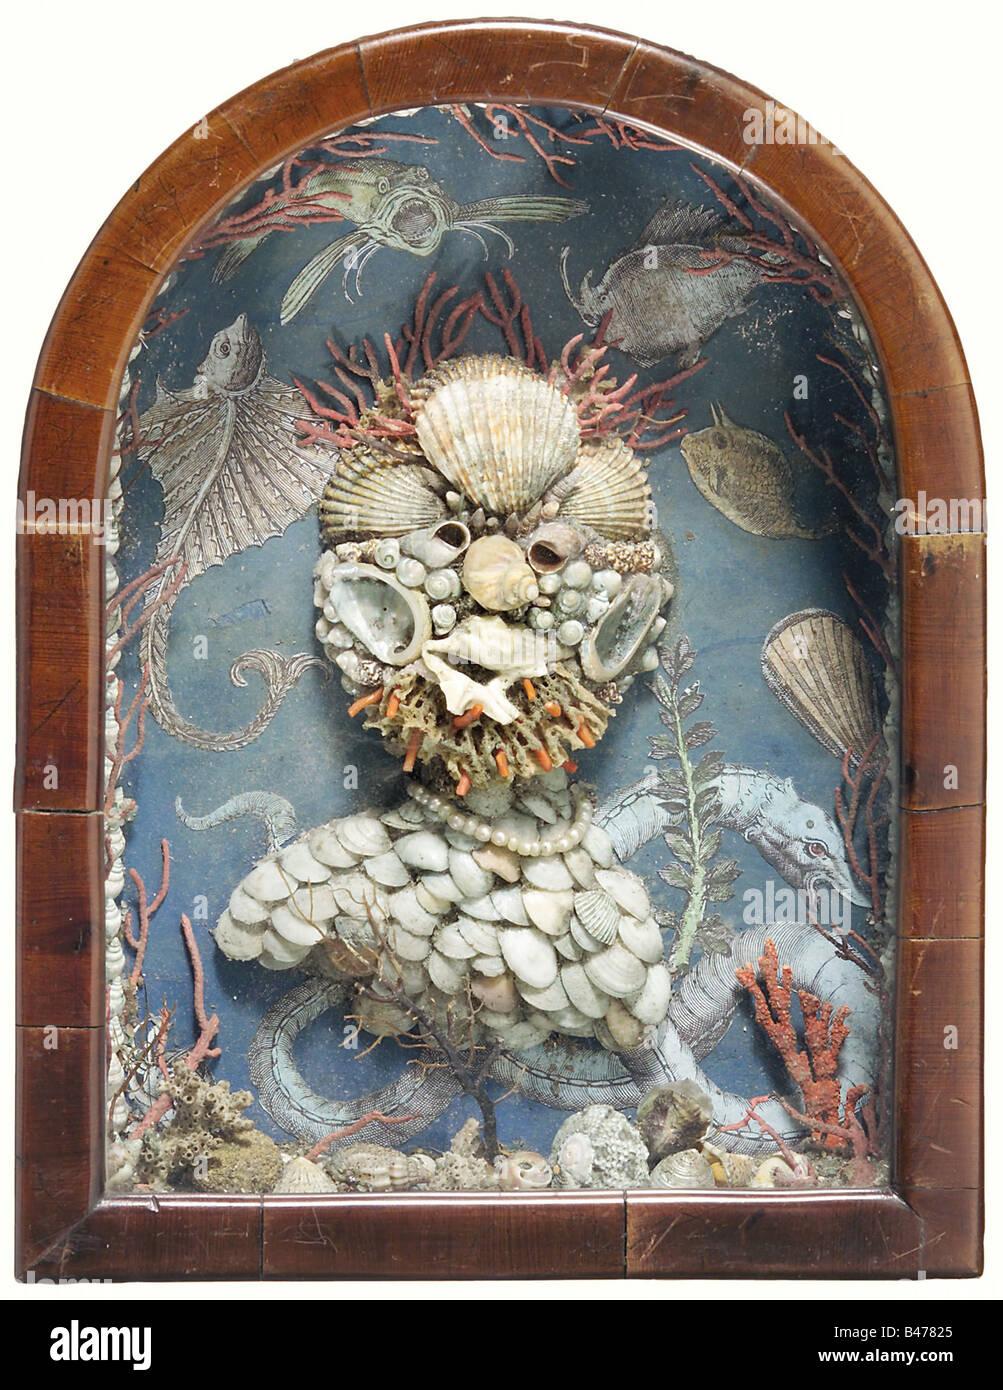 Un shell collage portrait, dans le style de Giuseppe Arcimboldo, Italie, vers 1840. Un buste en relief la moitié Photo Stock